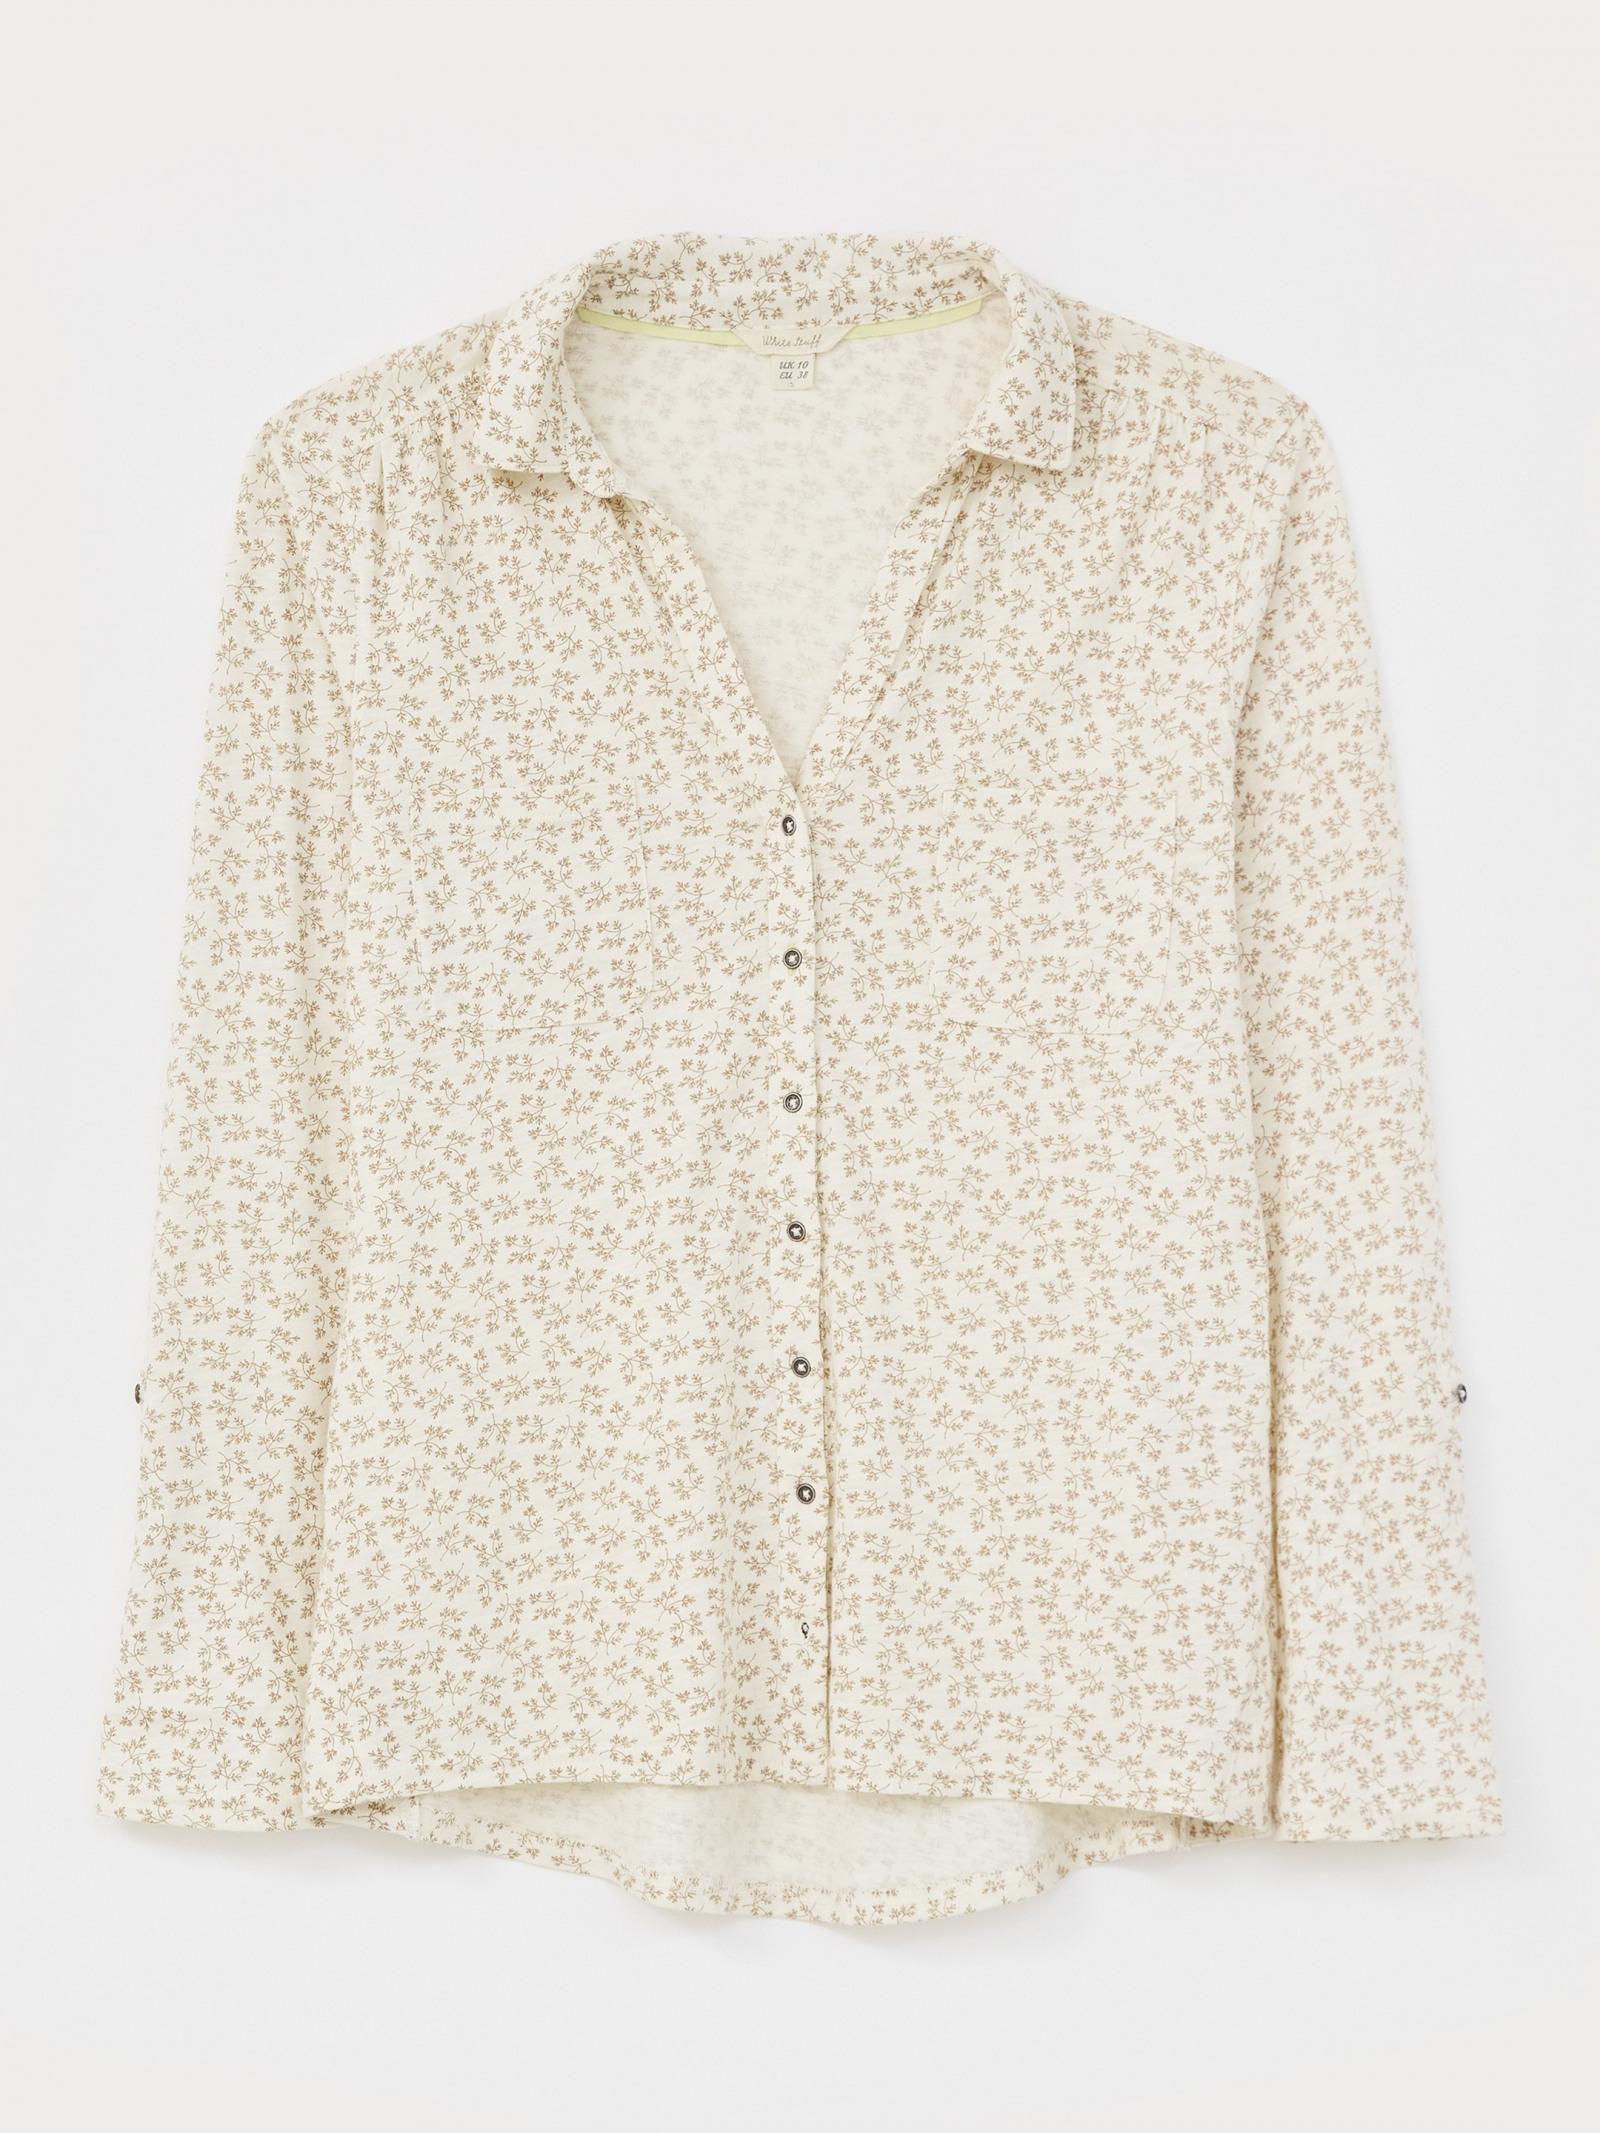 White Stuff | Pocket Jersey Shirt